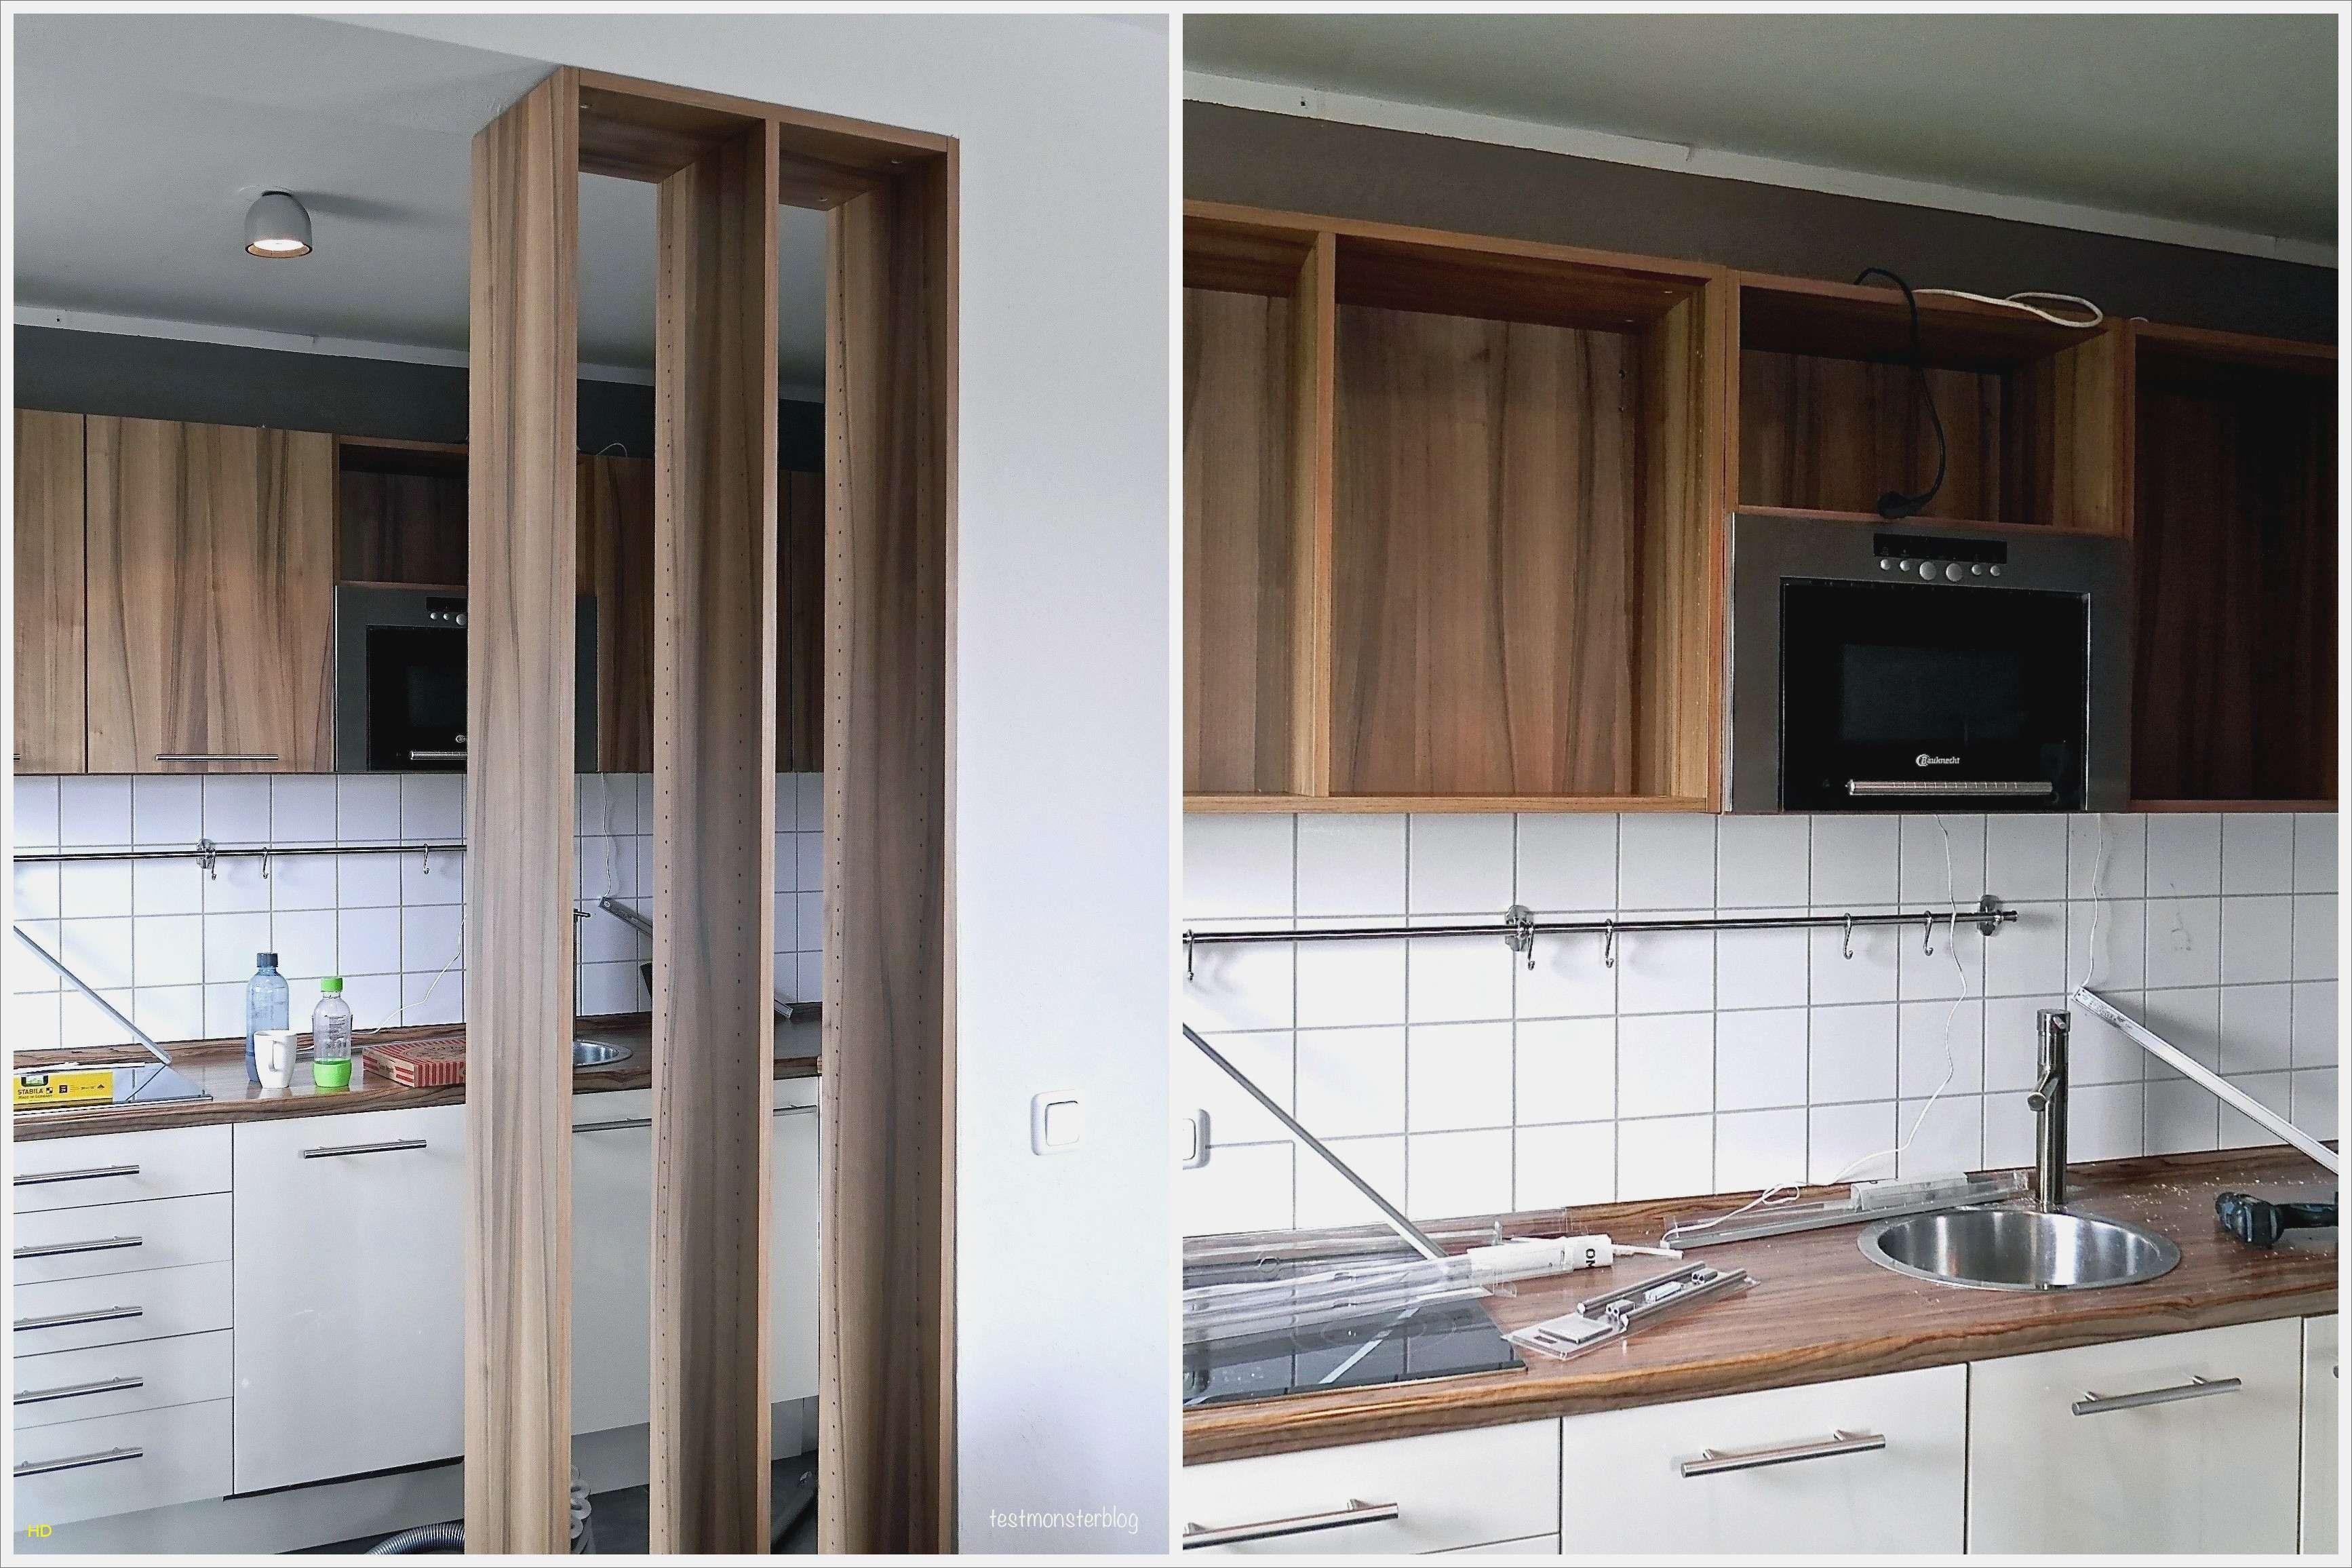 36 Einzigartig Keramik Arbeitsplatte Kuche Nachteile Kitchen Remodel Kitchen Home Decor